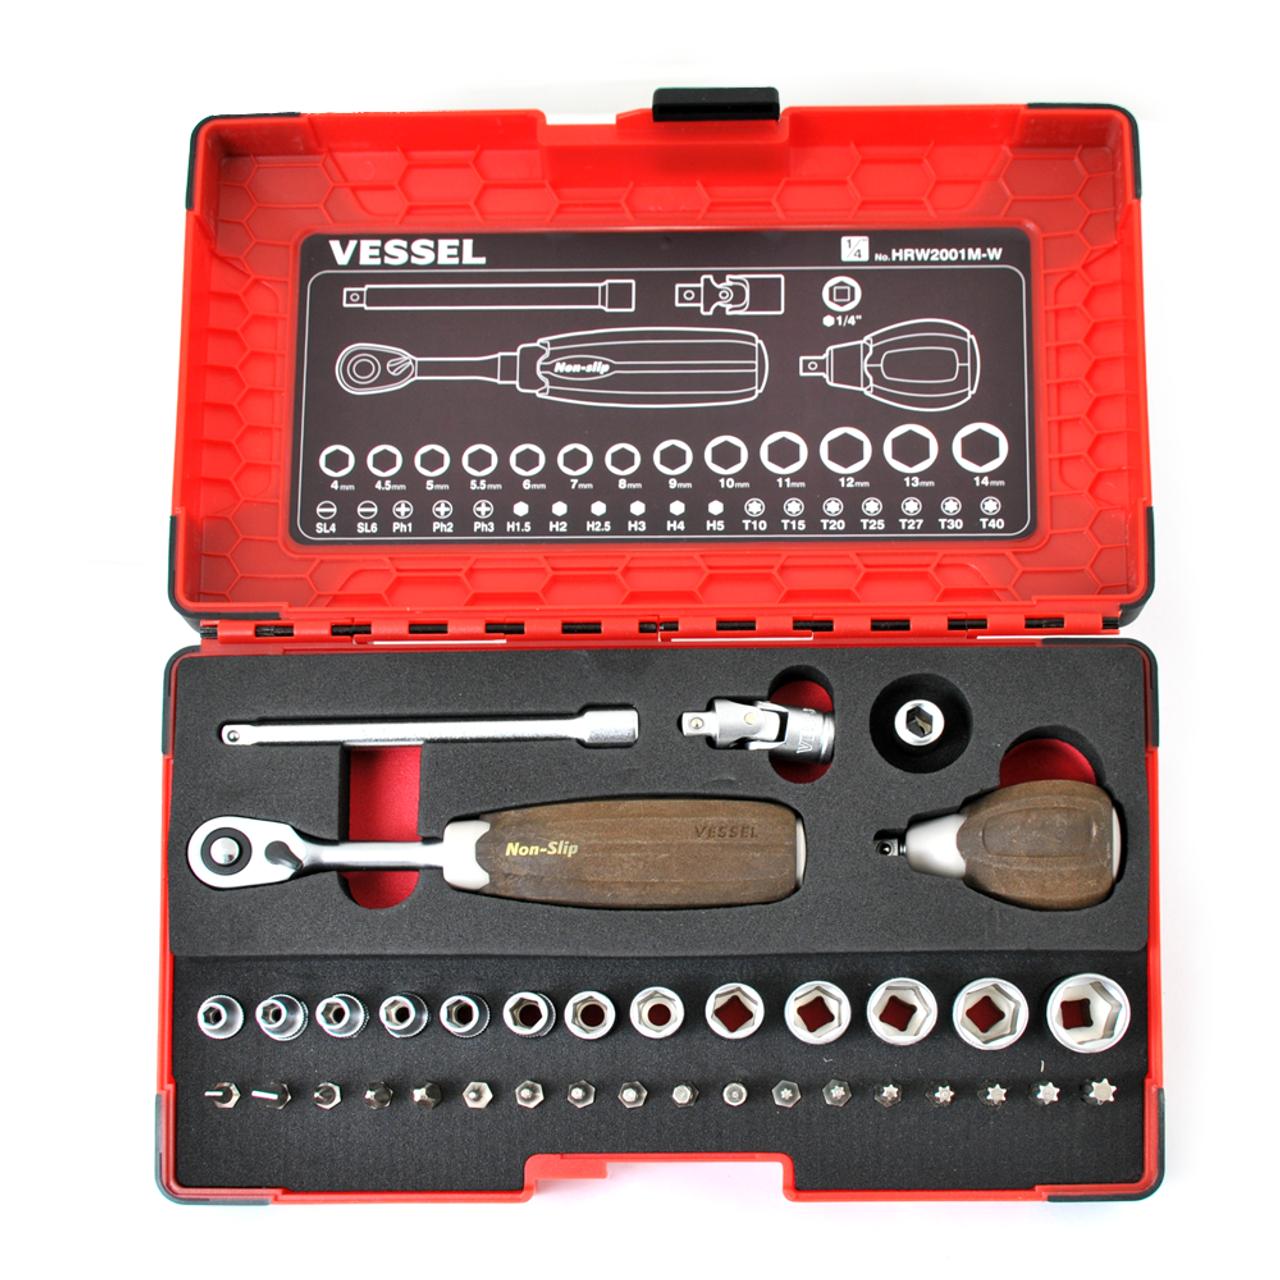 """VESSEL 36-PC 1/4"""" Non-Slip Ratchet Driver Set (HRW2001M-W)"""